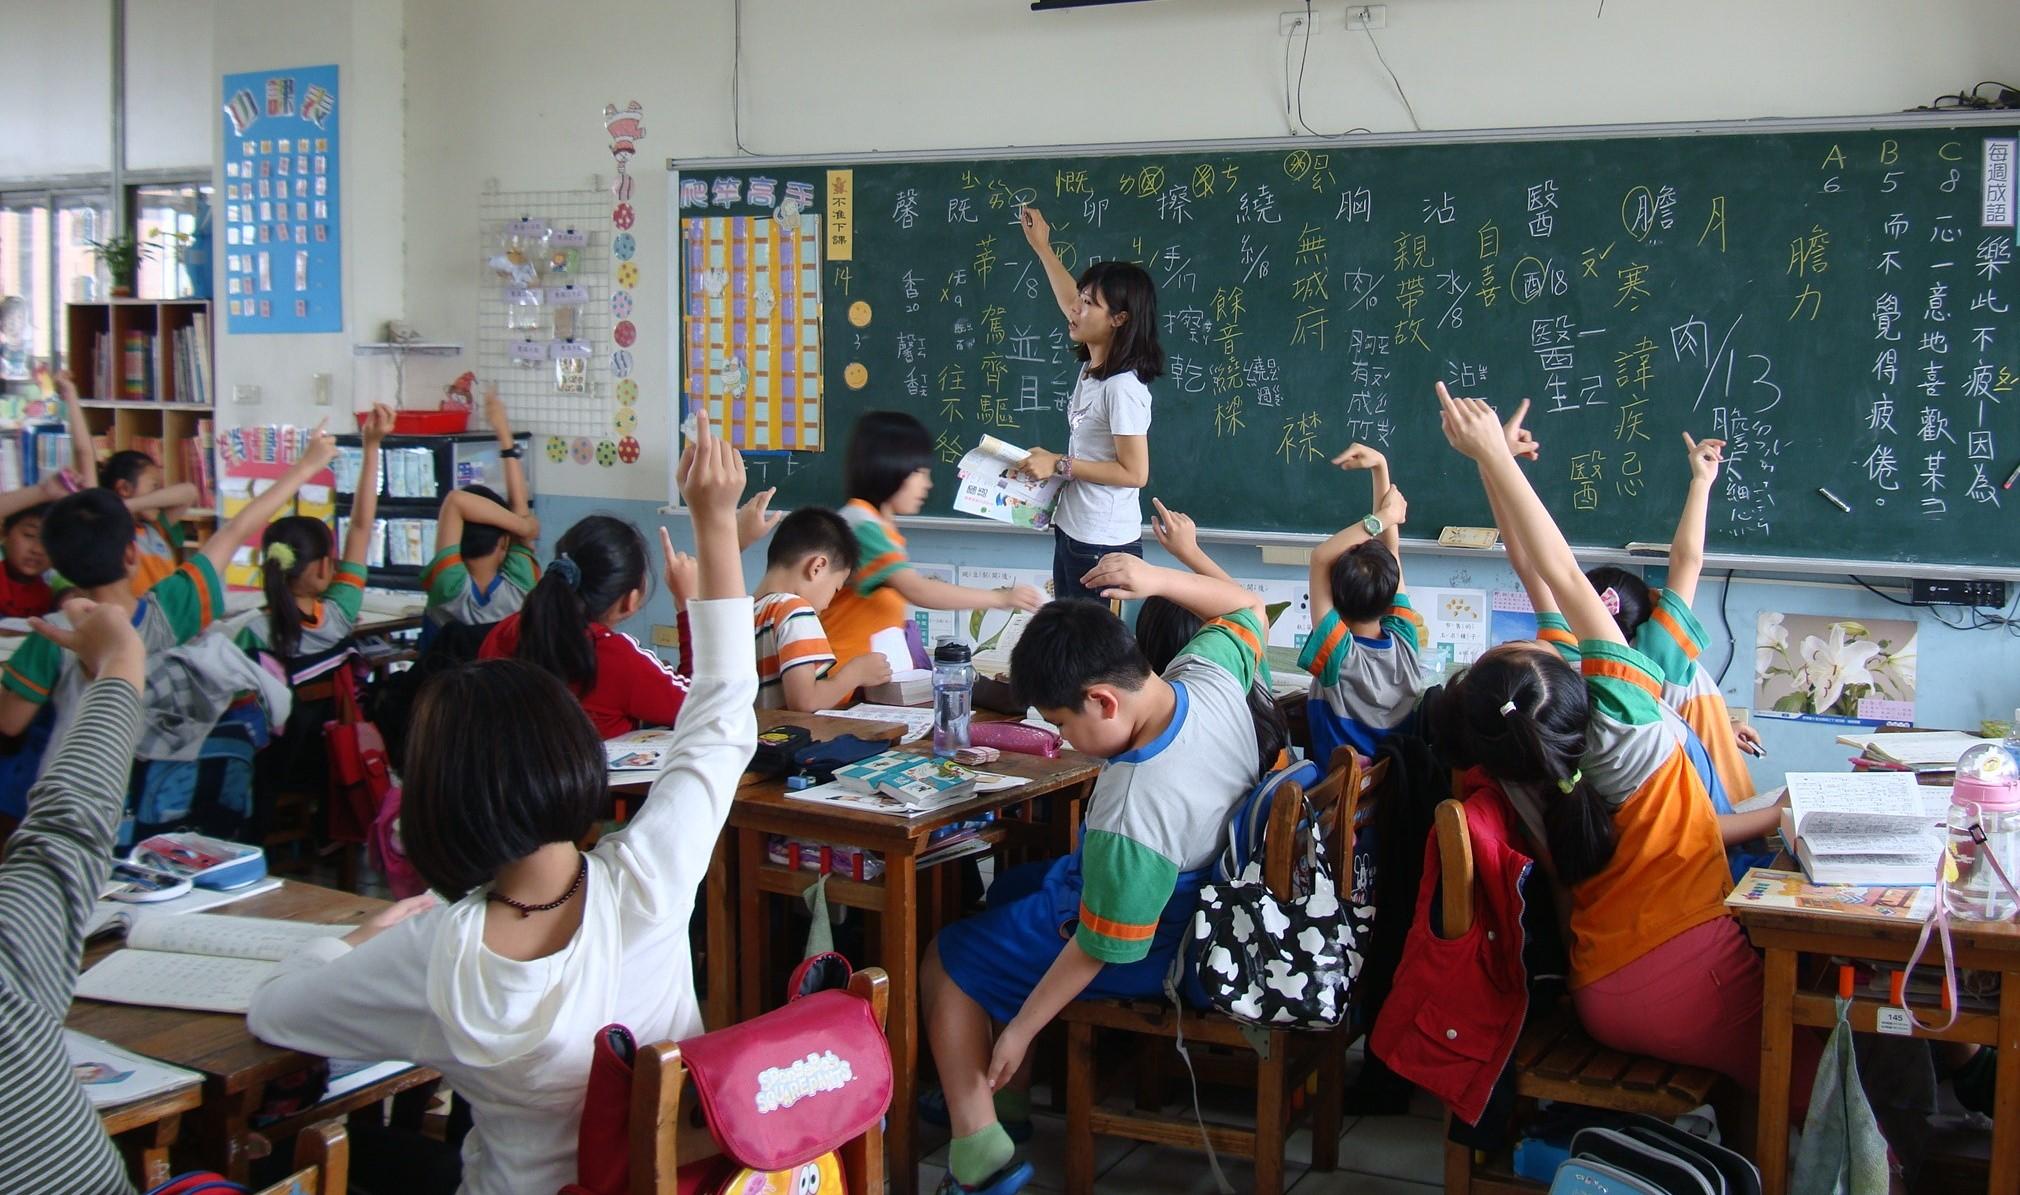 08/05/2020 文藻師培生再創佳績 51人次考取正式國小教師